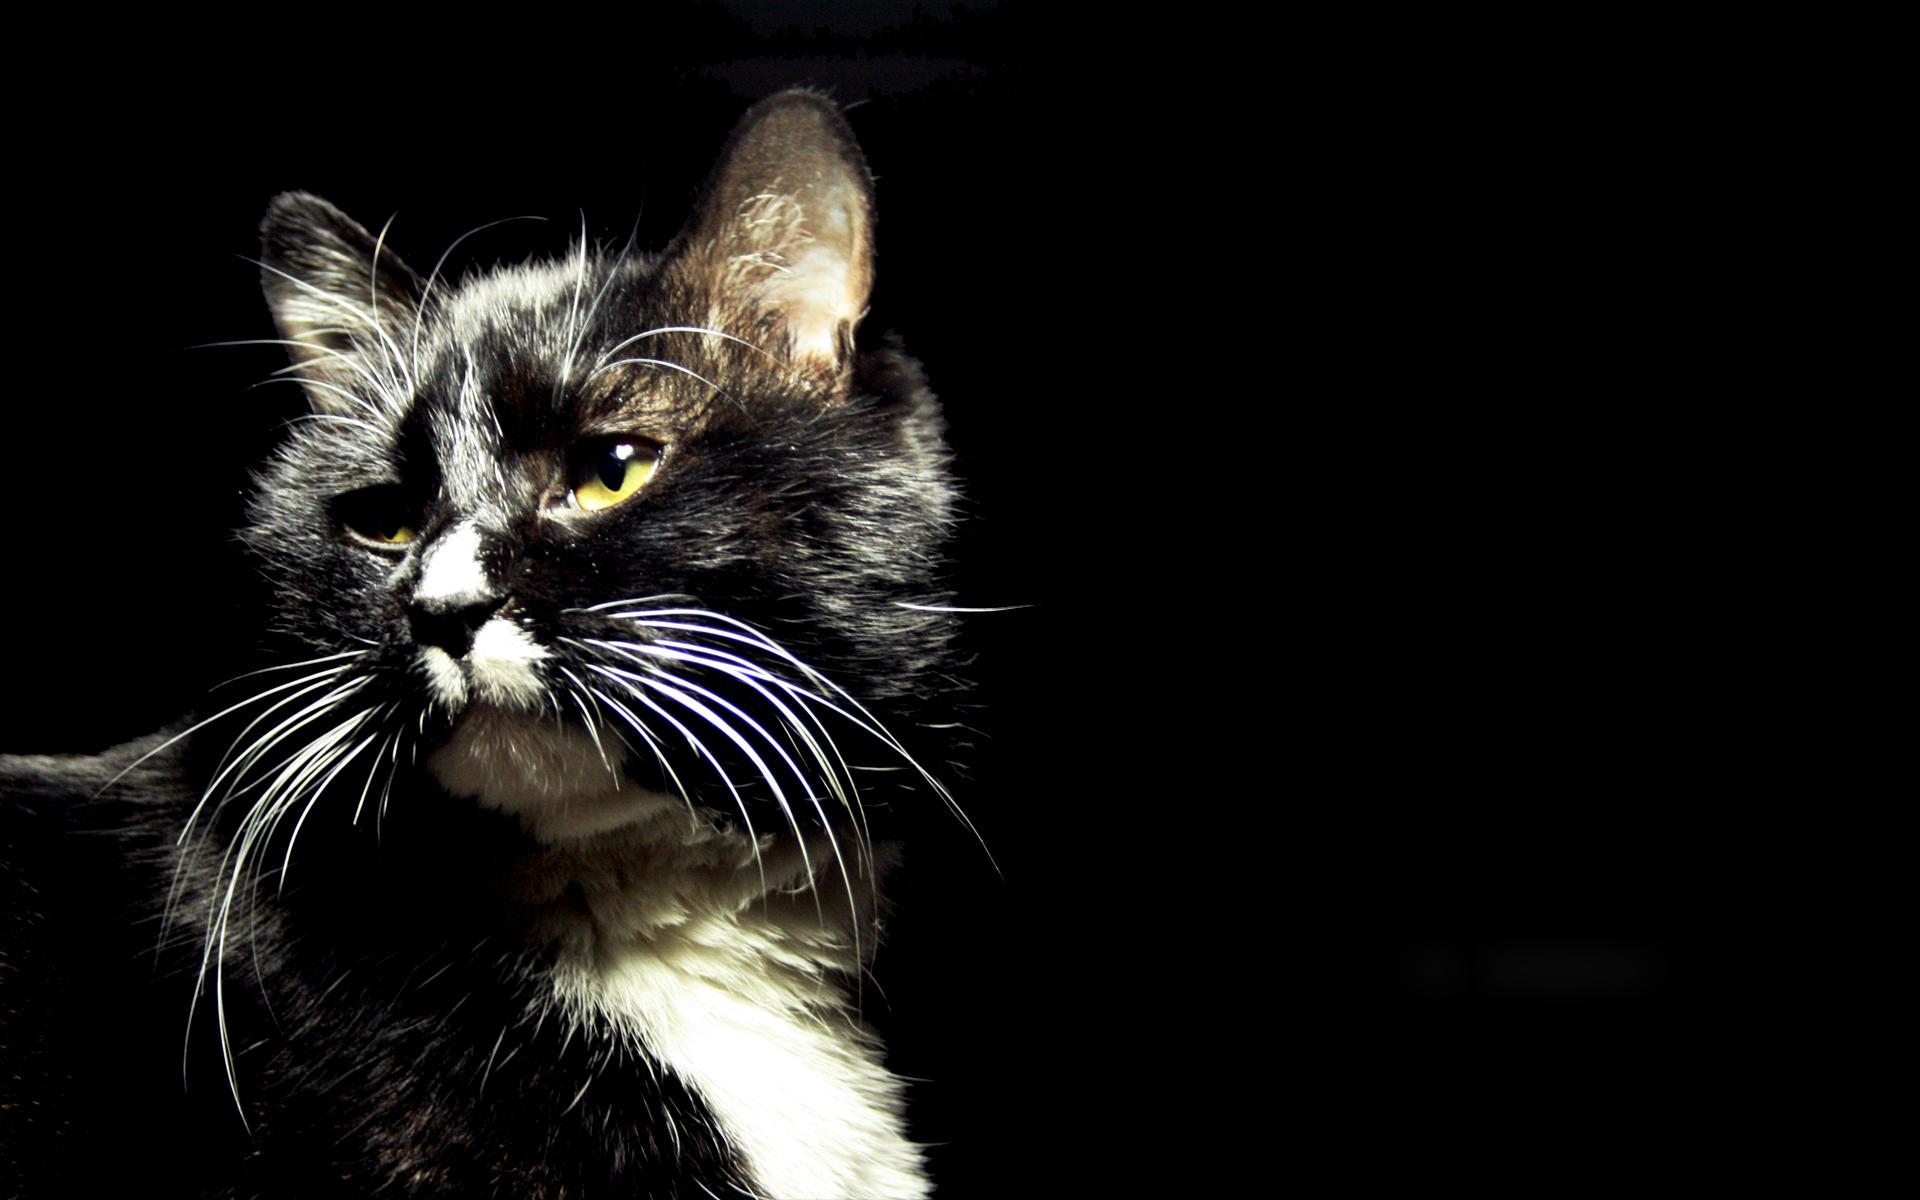 Настольная открытка, картинки с кошками и надписями на черном фоне